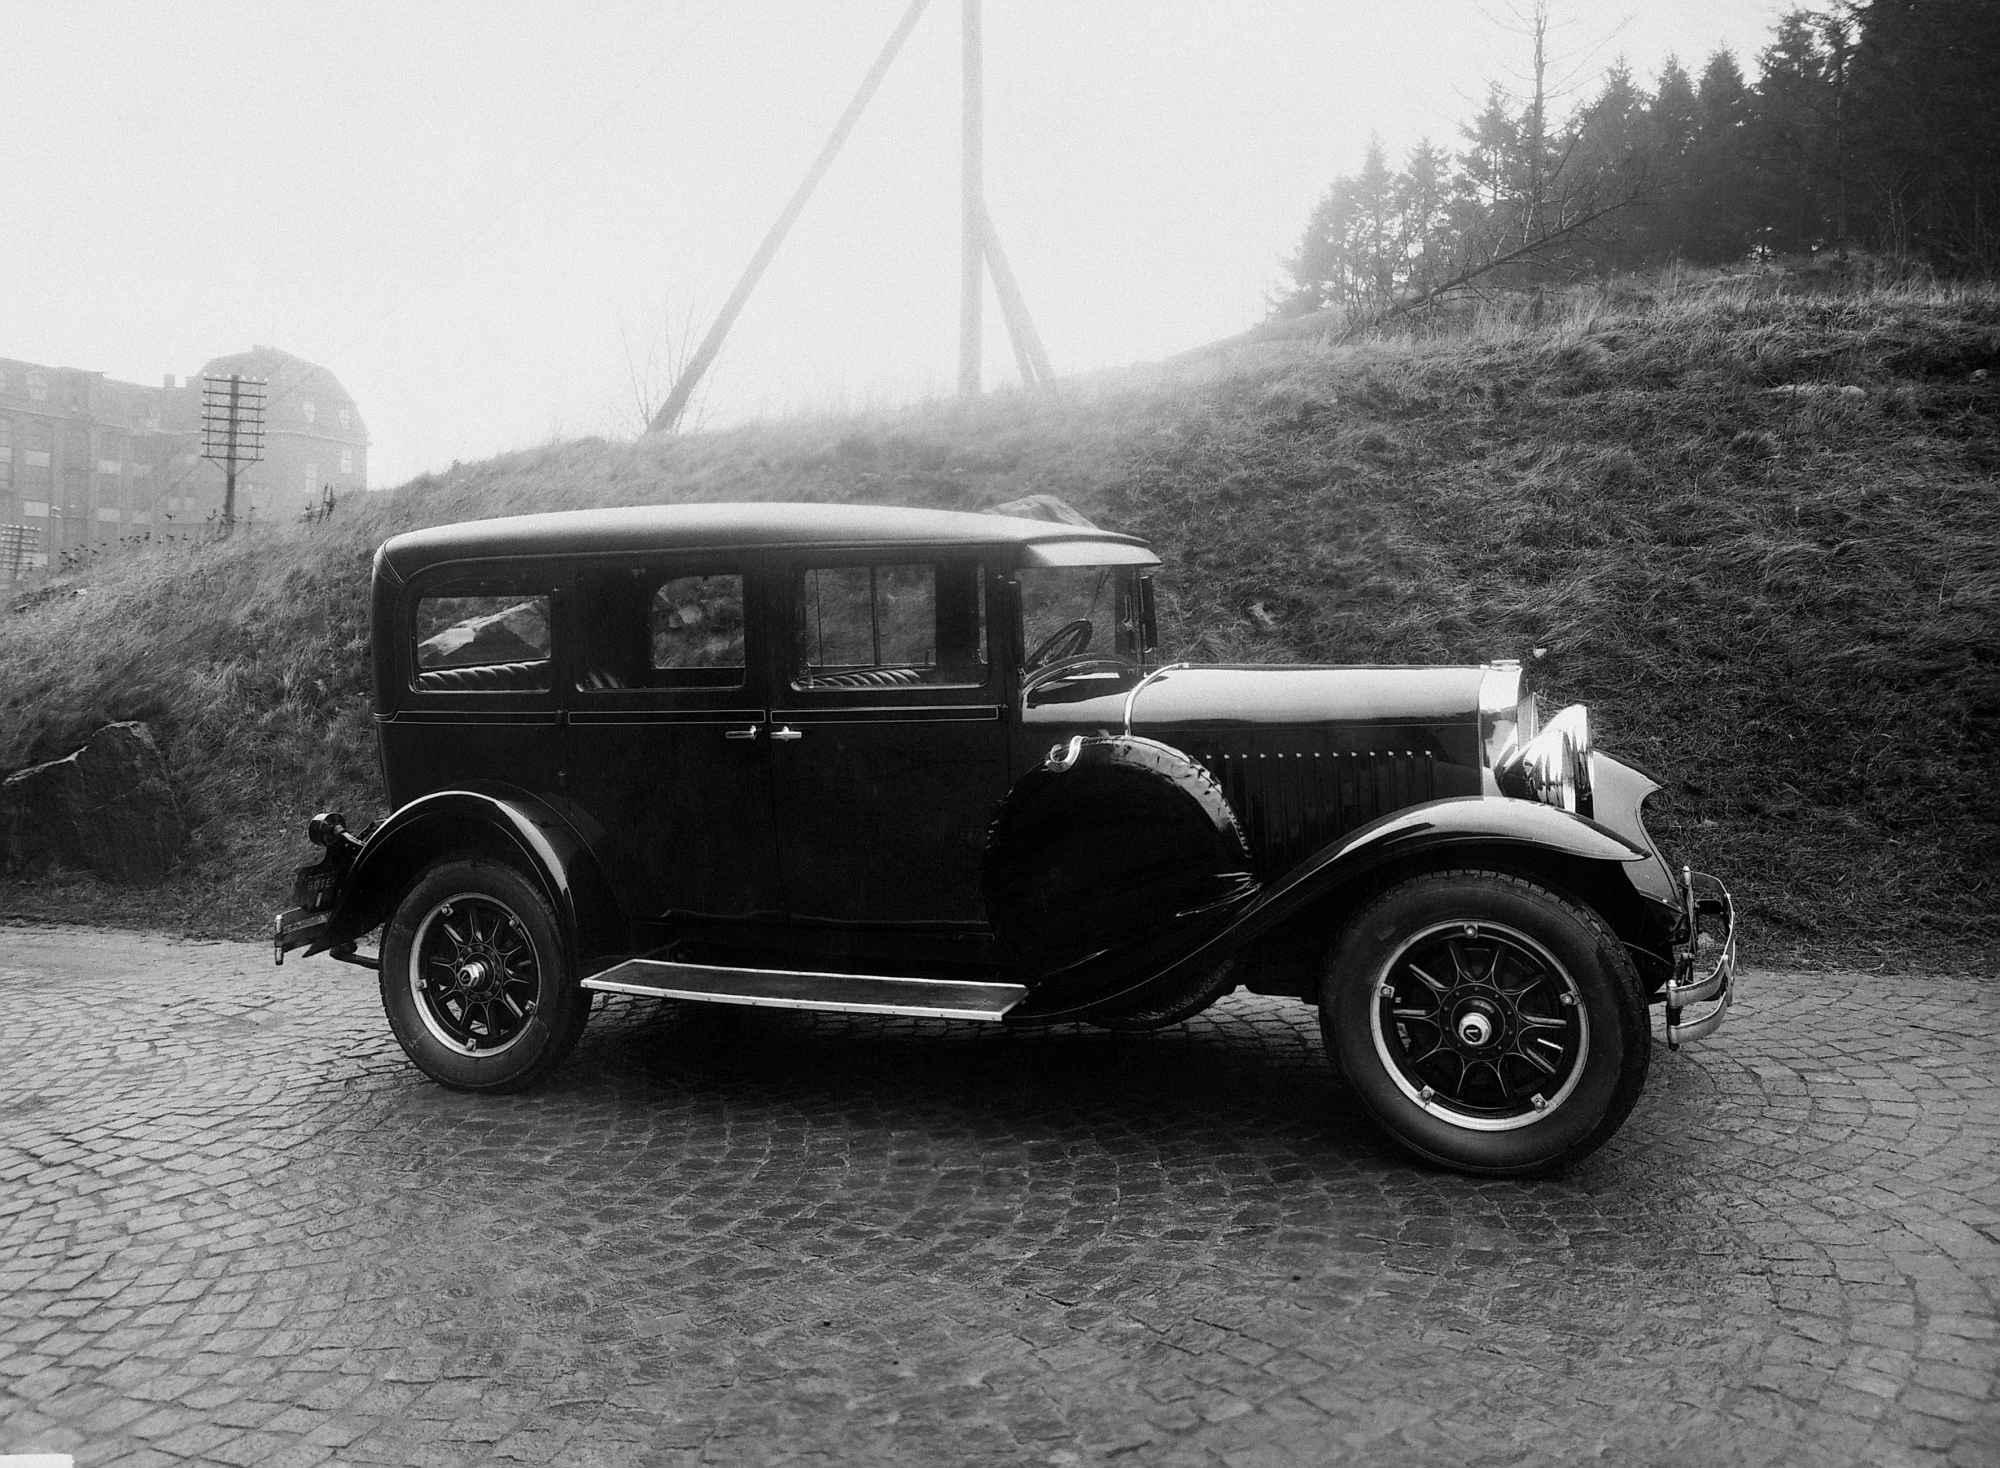 De eerste drie decennia van Volvo, negentig jaar Zweeds autobouwer - Auto Motor Klassiek